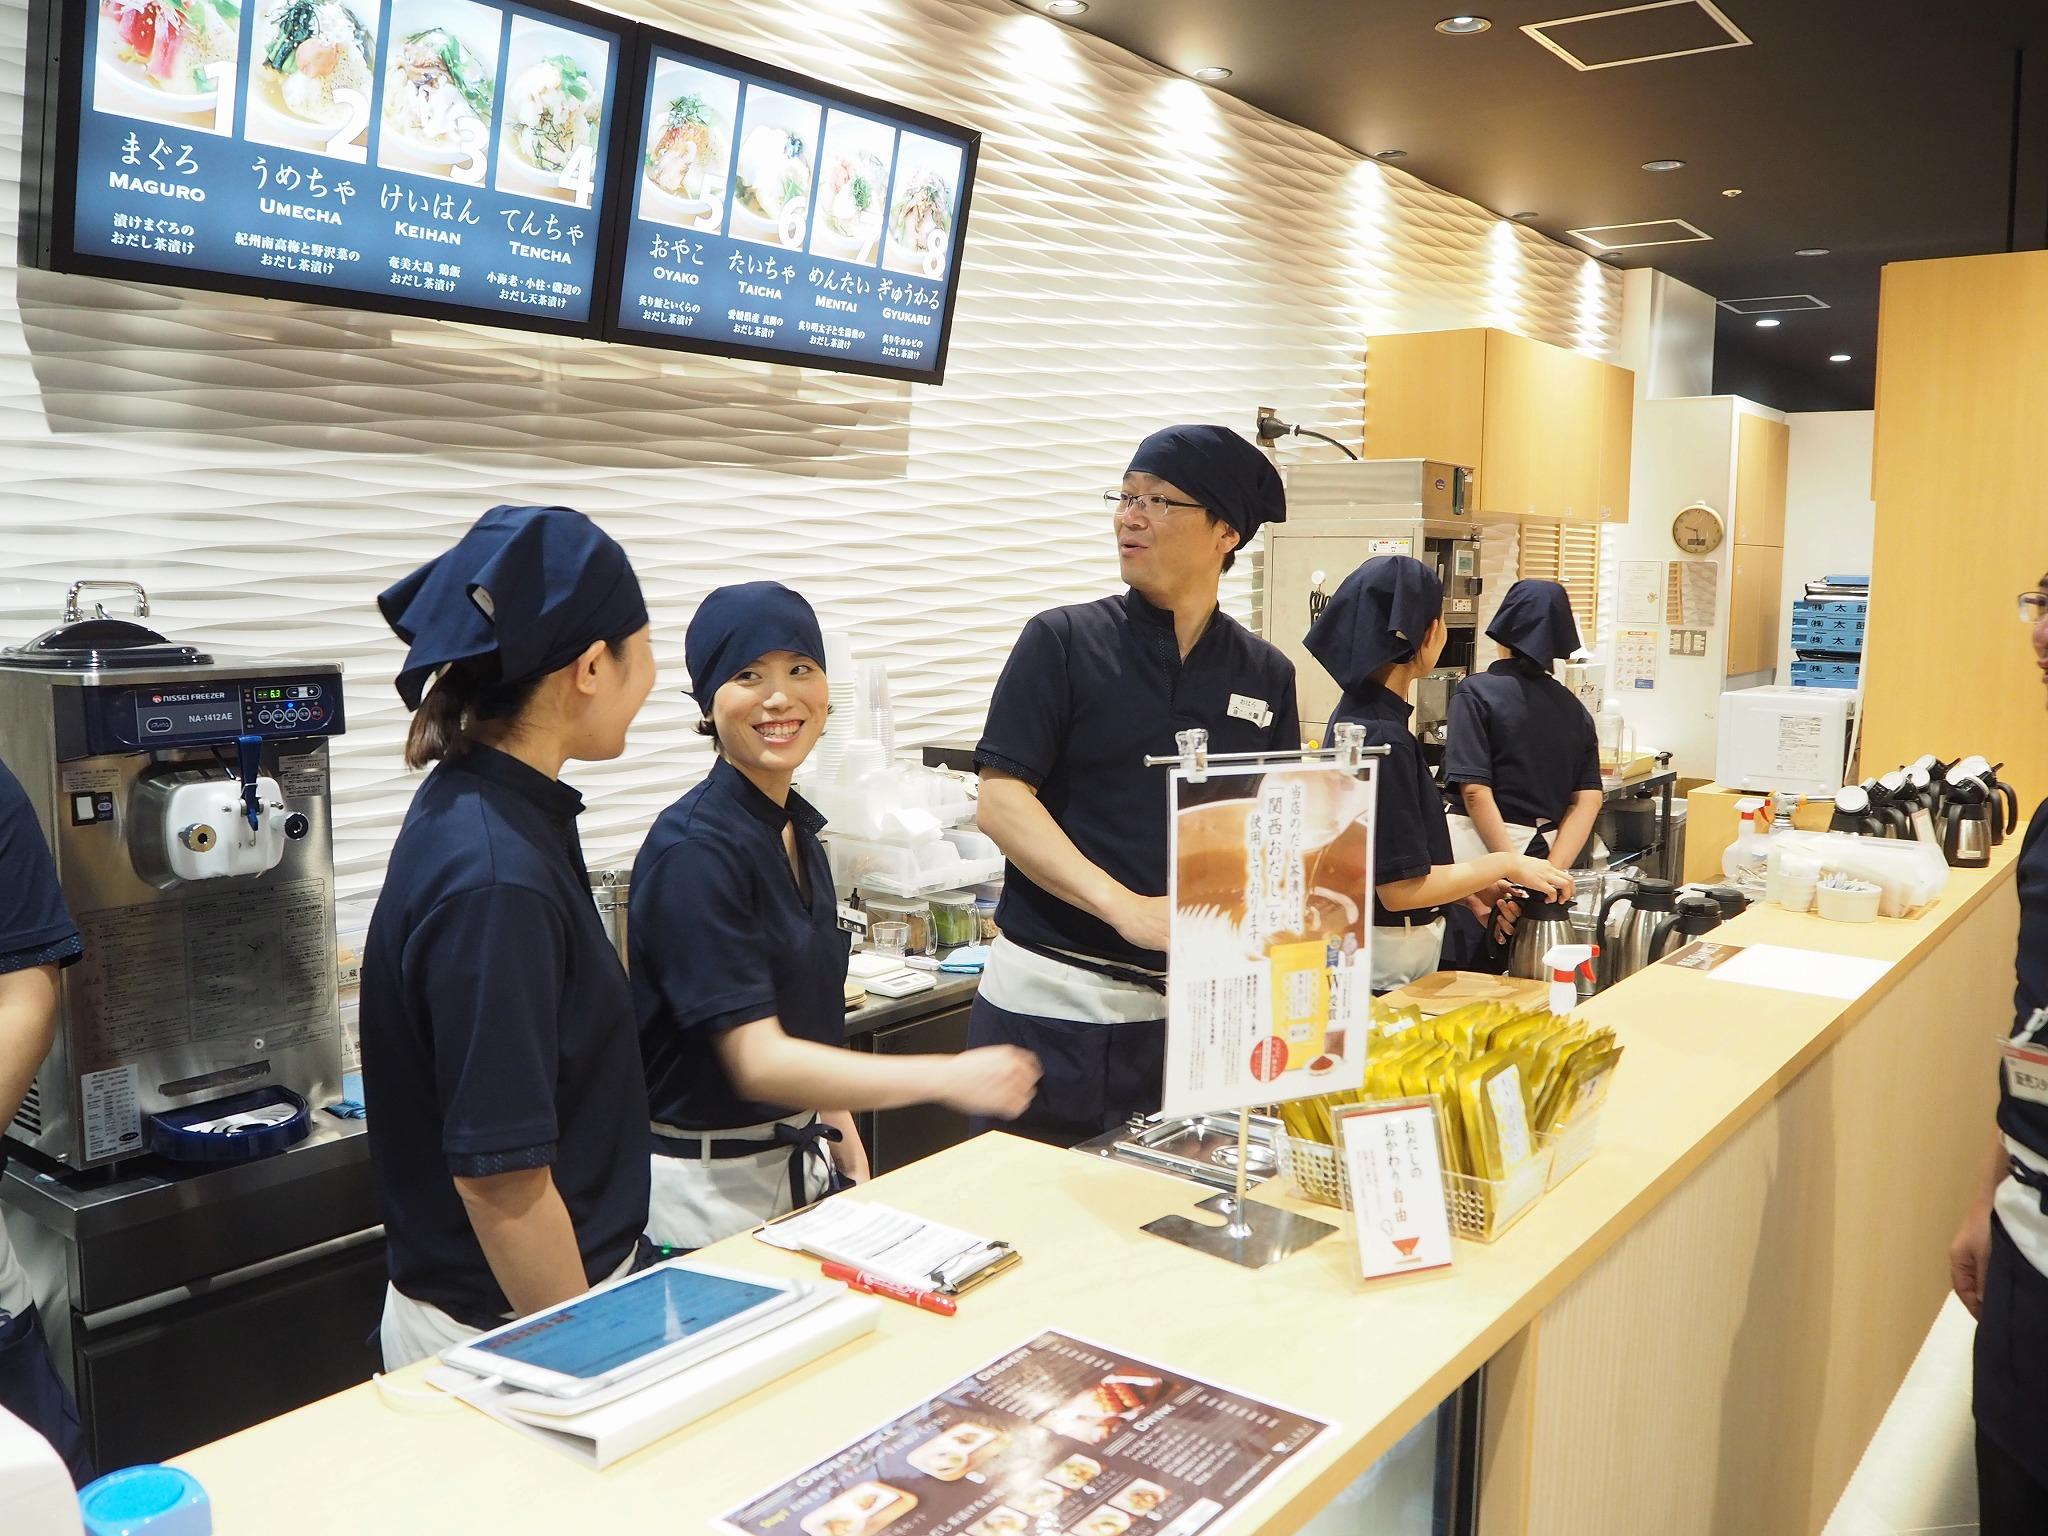 だし蔵 だし茶漬け   神戸ハーバーランドumie店